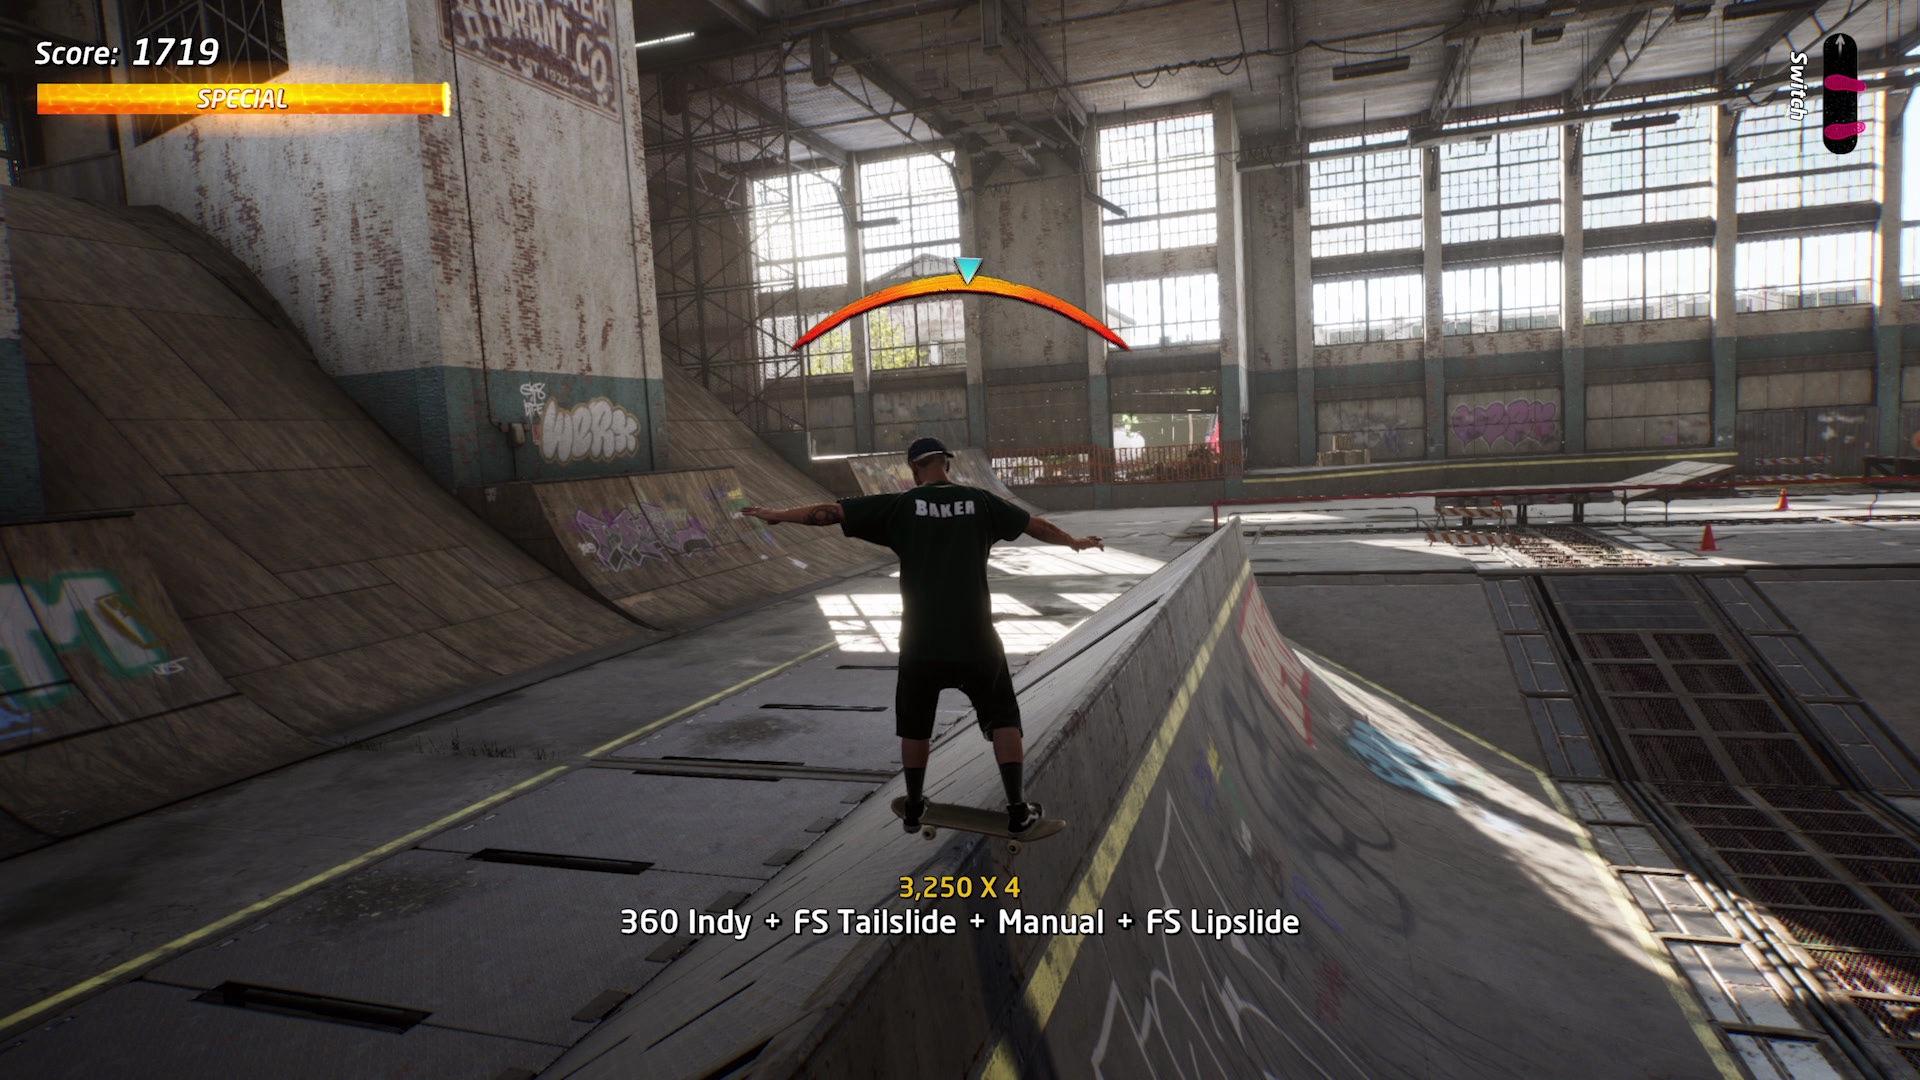 Reseña: Tony Hawk's Pro Skater 1+2 - el mejor remake de esta generación